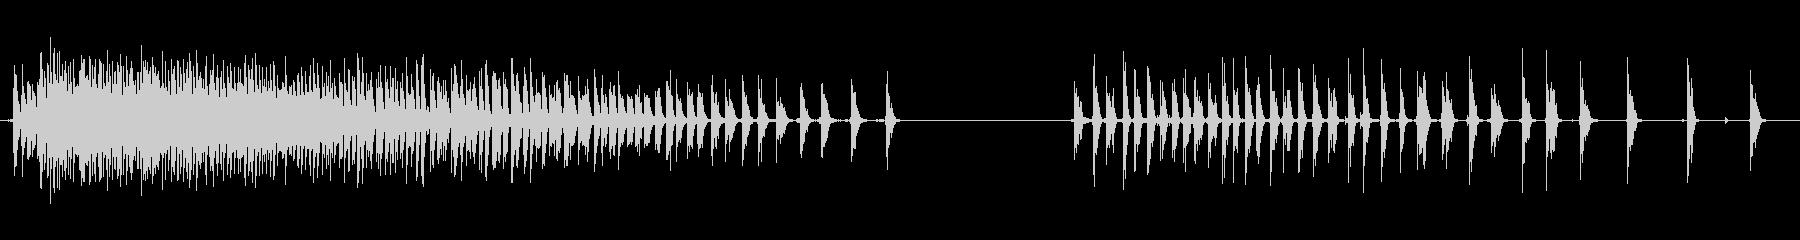 スピニングホイール、ラトル、アミュ...の未再生の波形